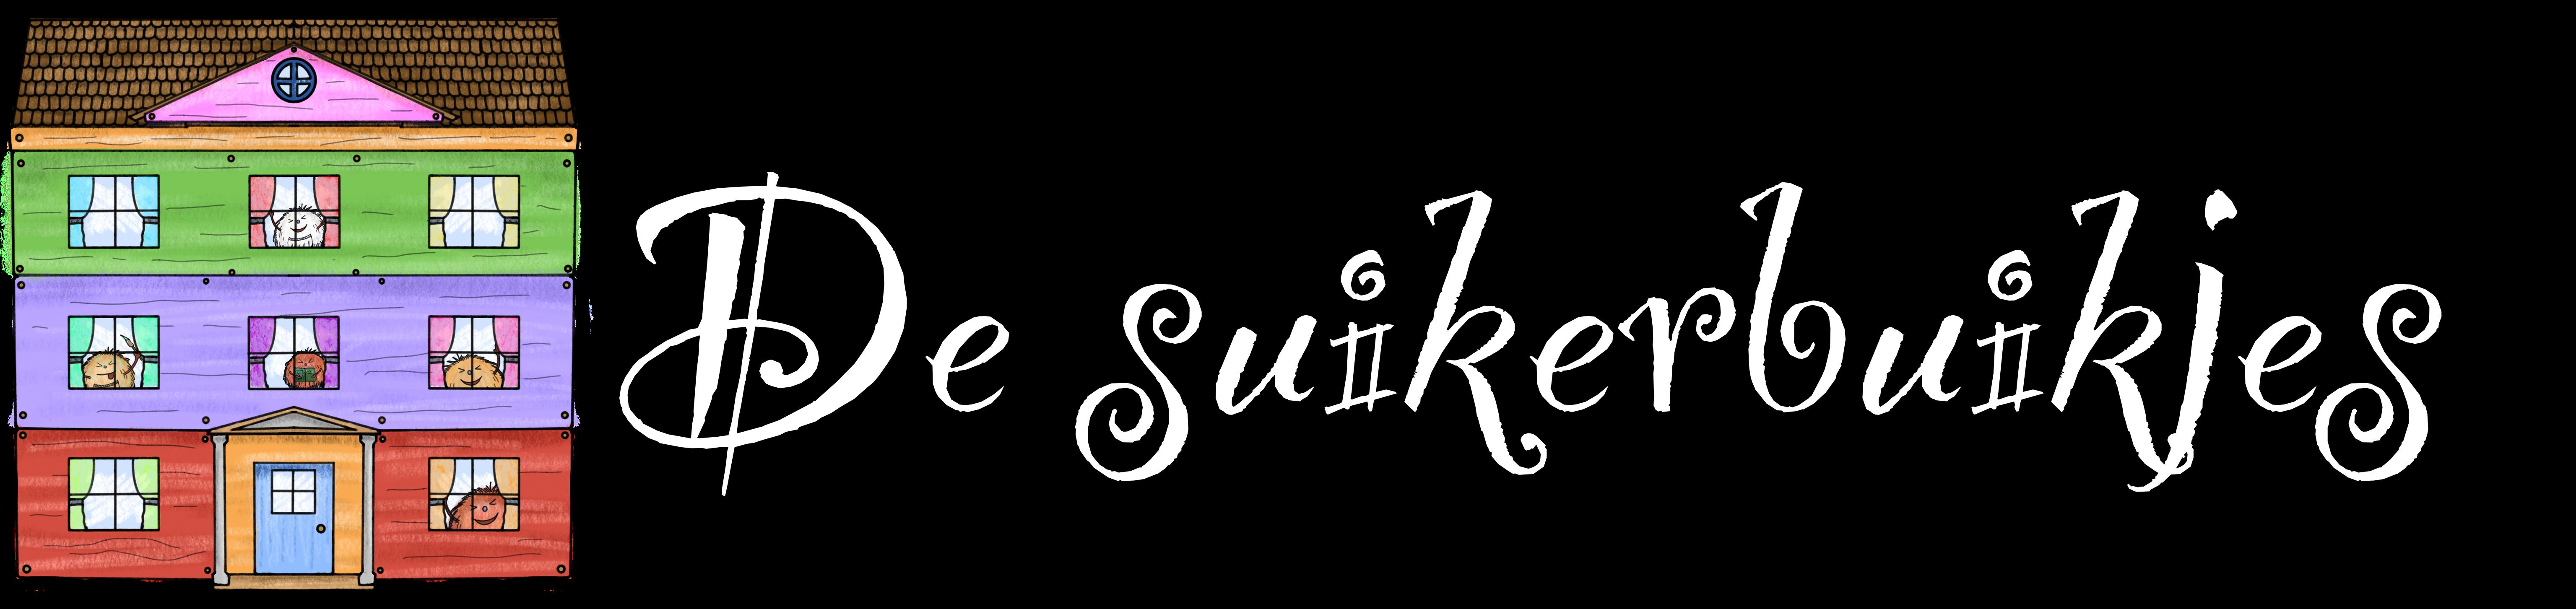 De Suikerbuikjes logo